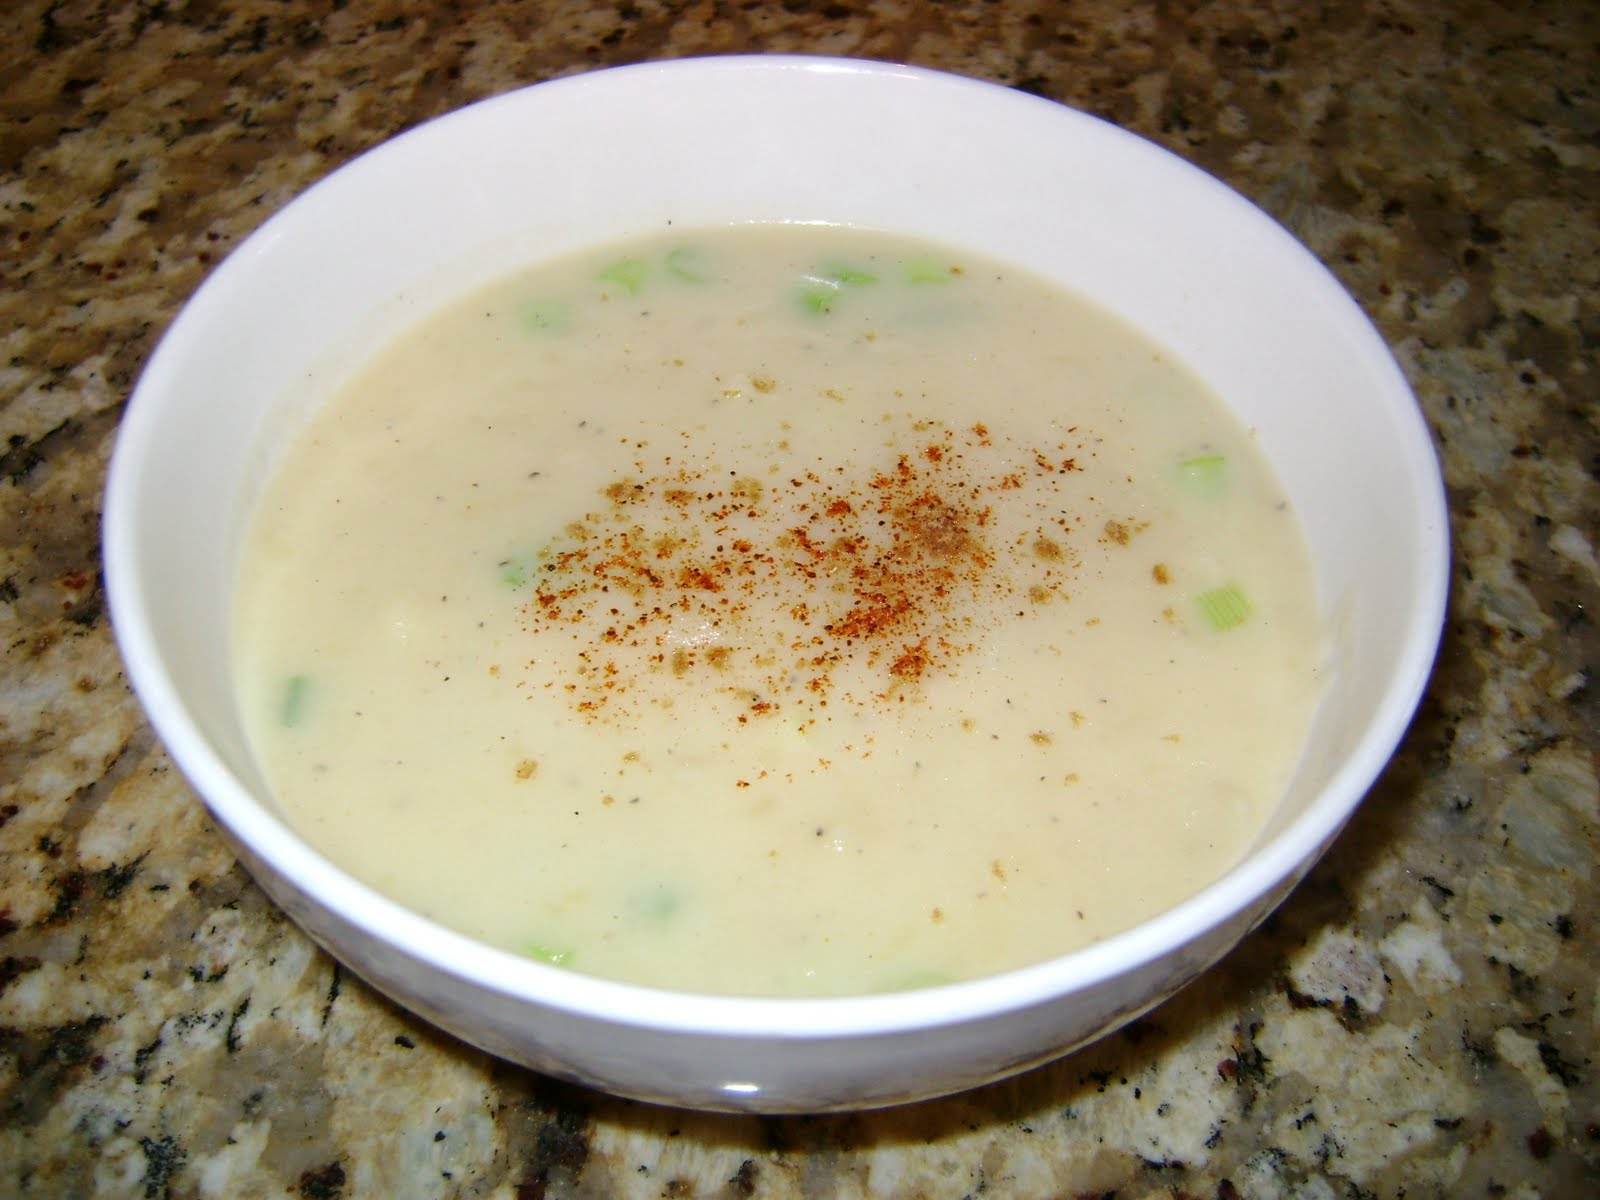 Chunky potato soup recipes